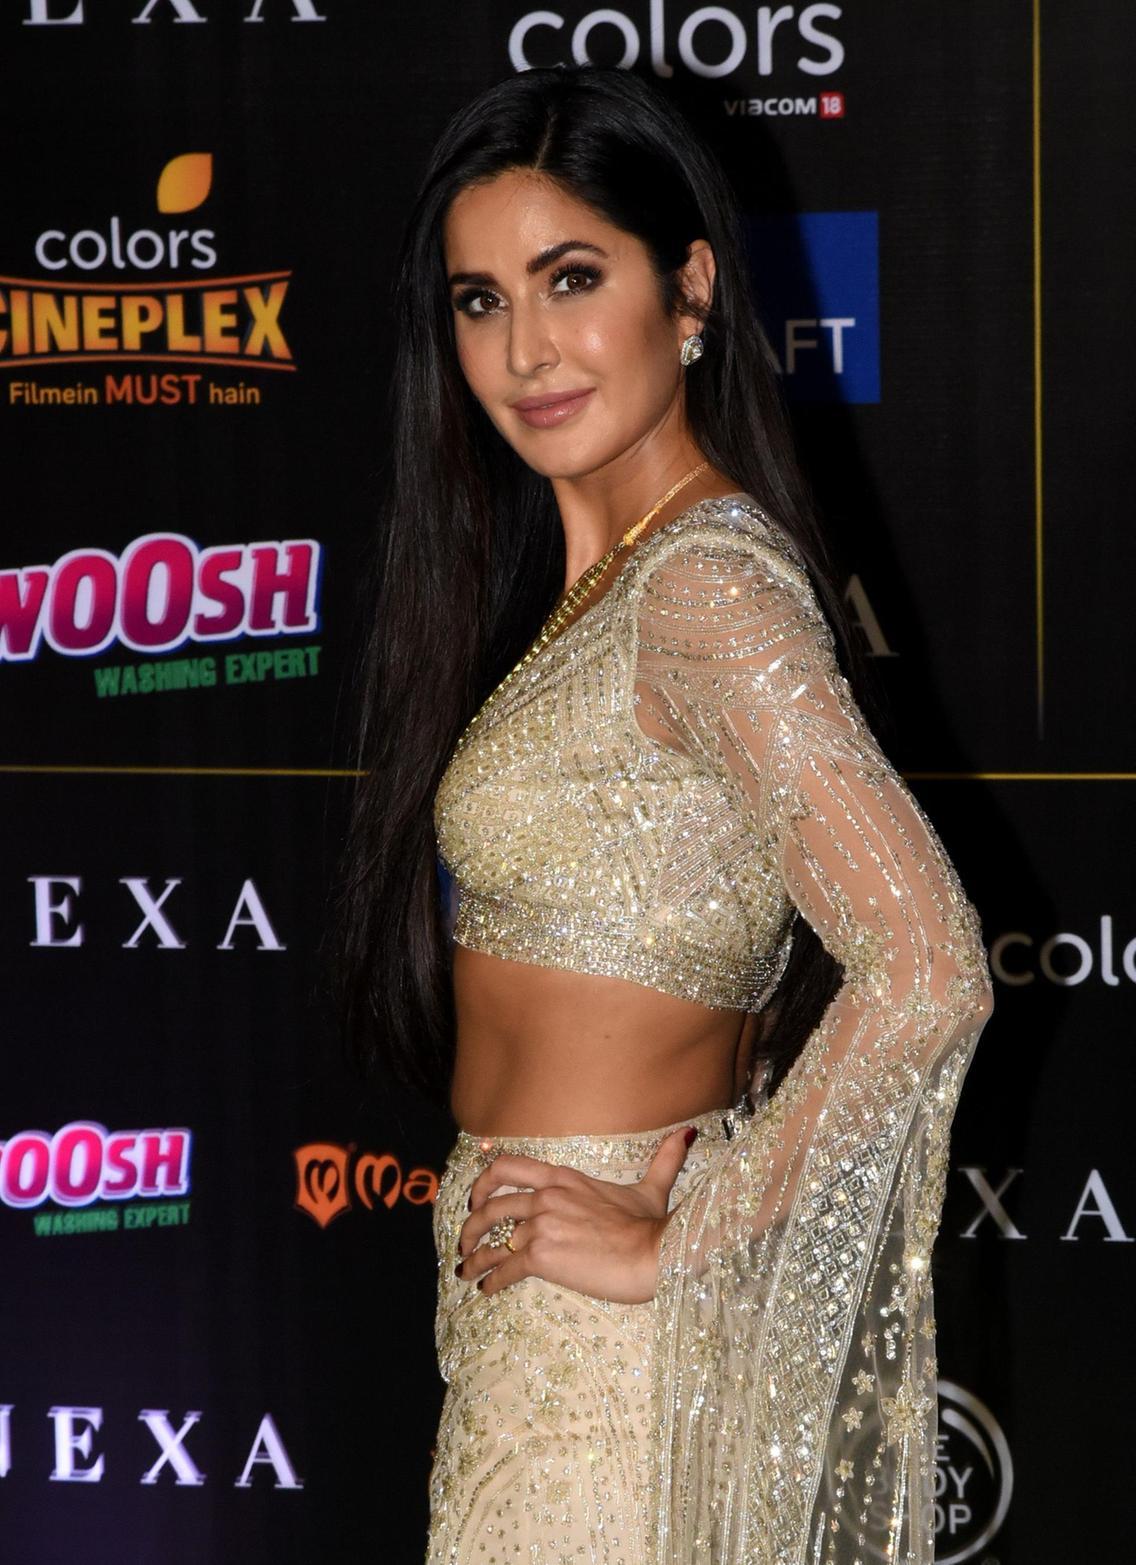 IIFA Awards Green Carpet 2019 20th October 2019 Hindi 150MB HDTV 480p